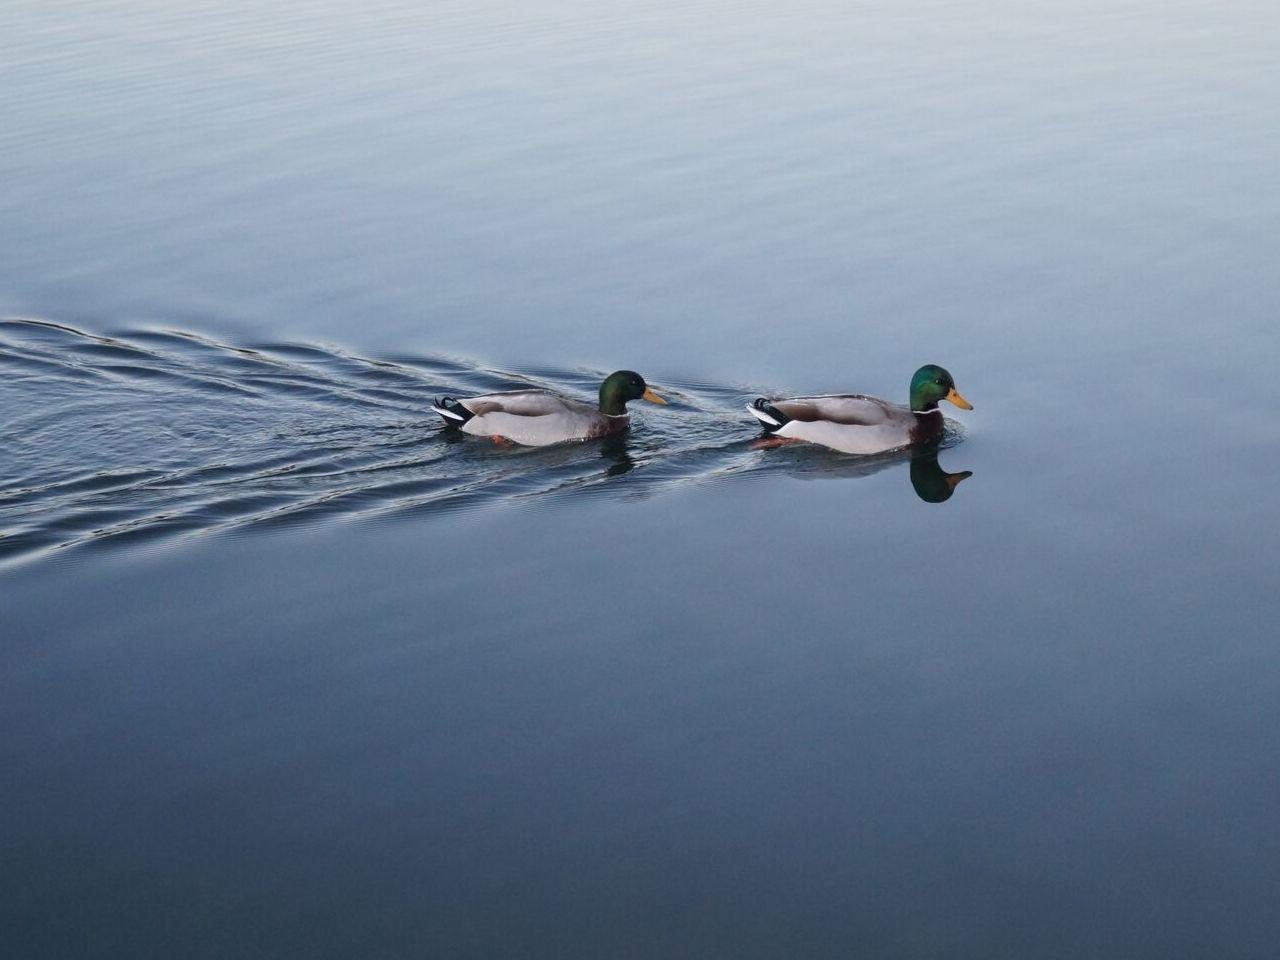 仲良く湖面を泳ぐ二羽の鴨